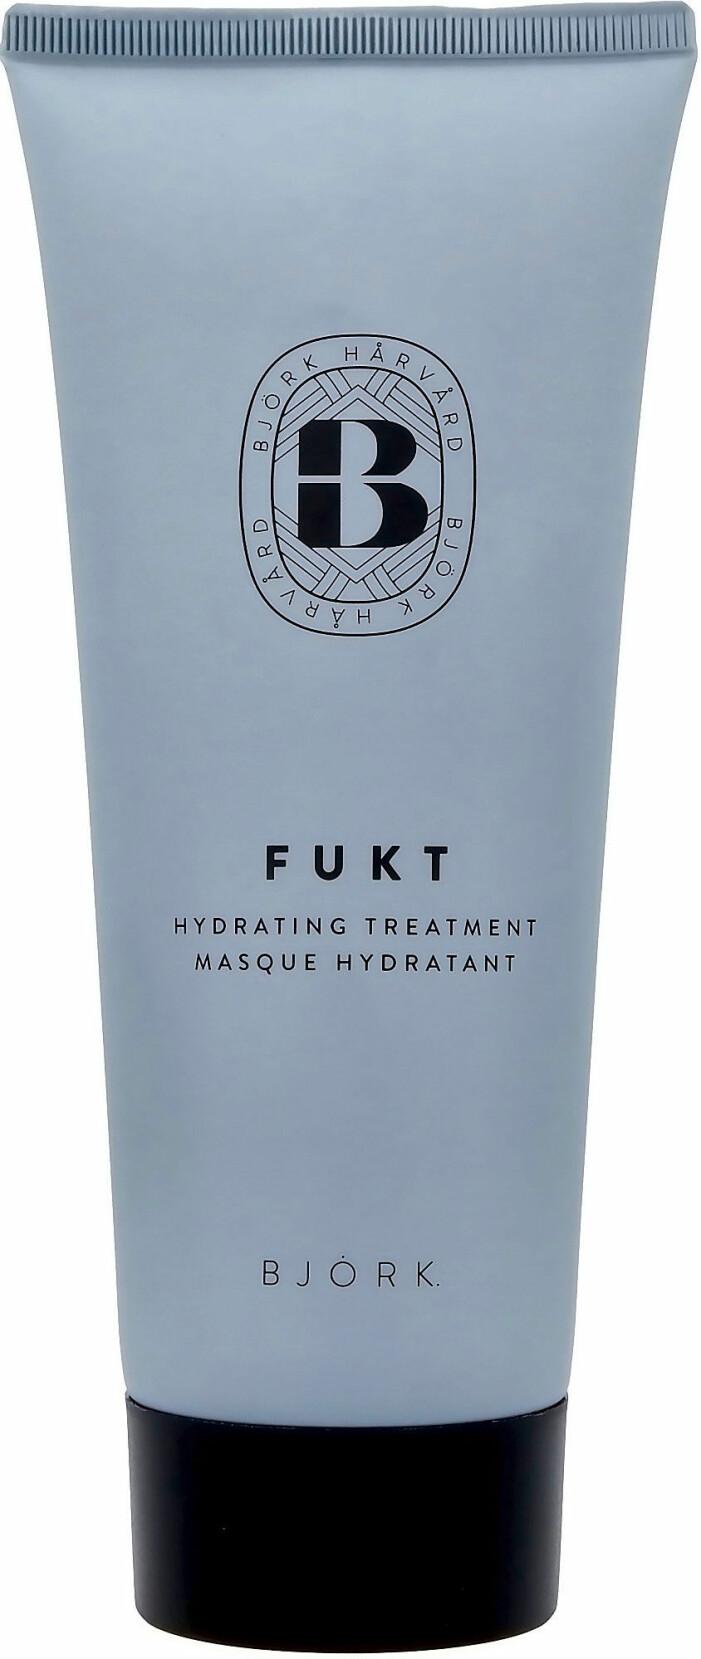 Fukt Hydrating Treatment från Björk